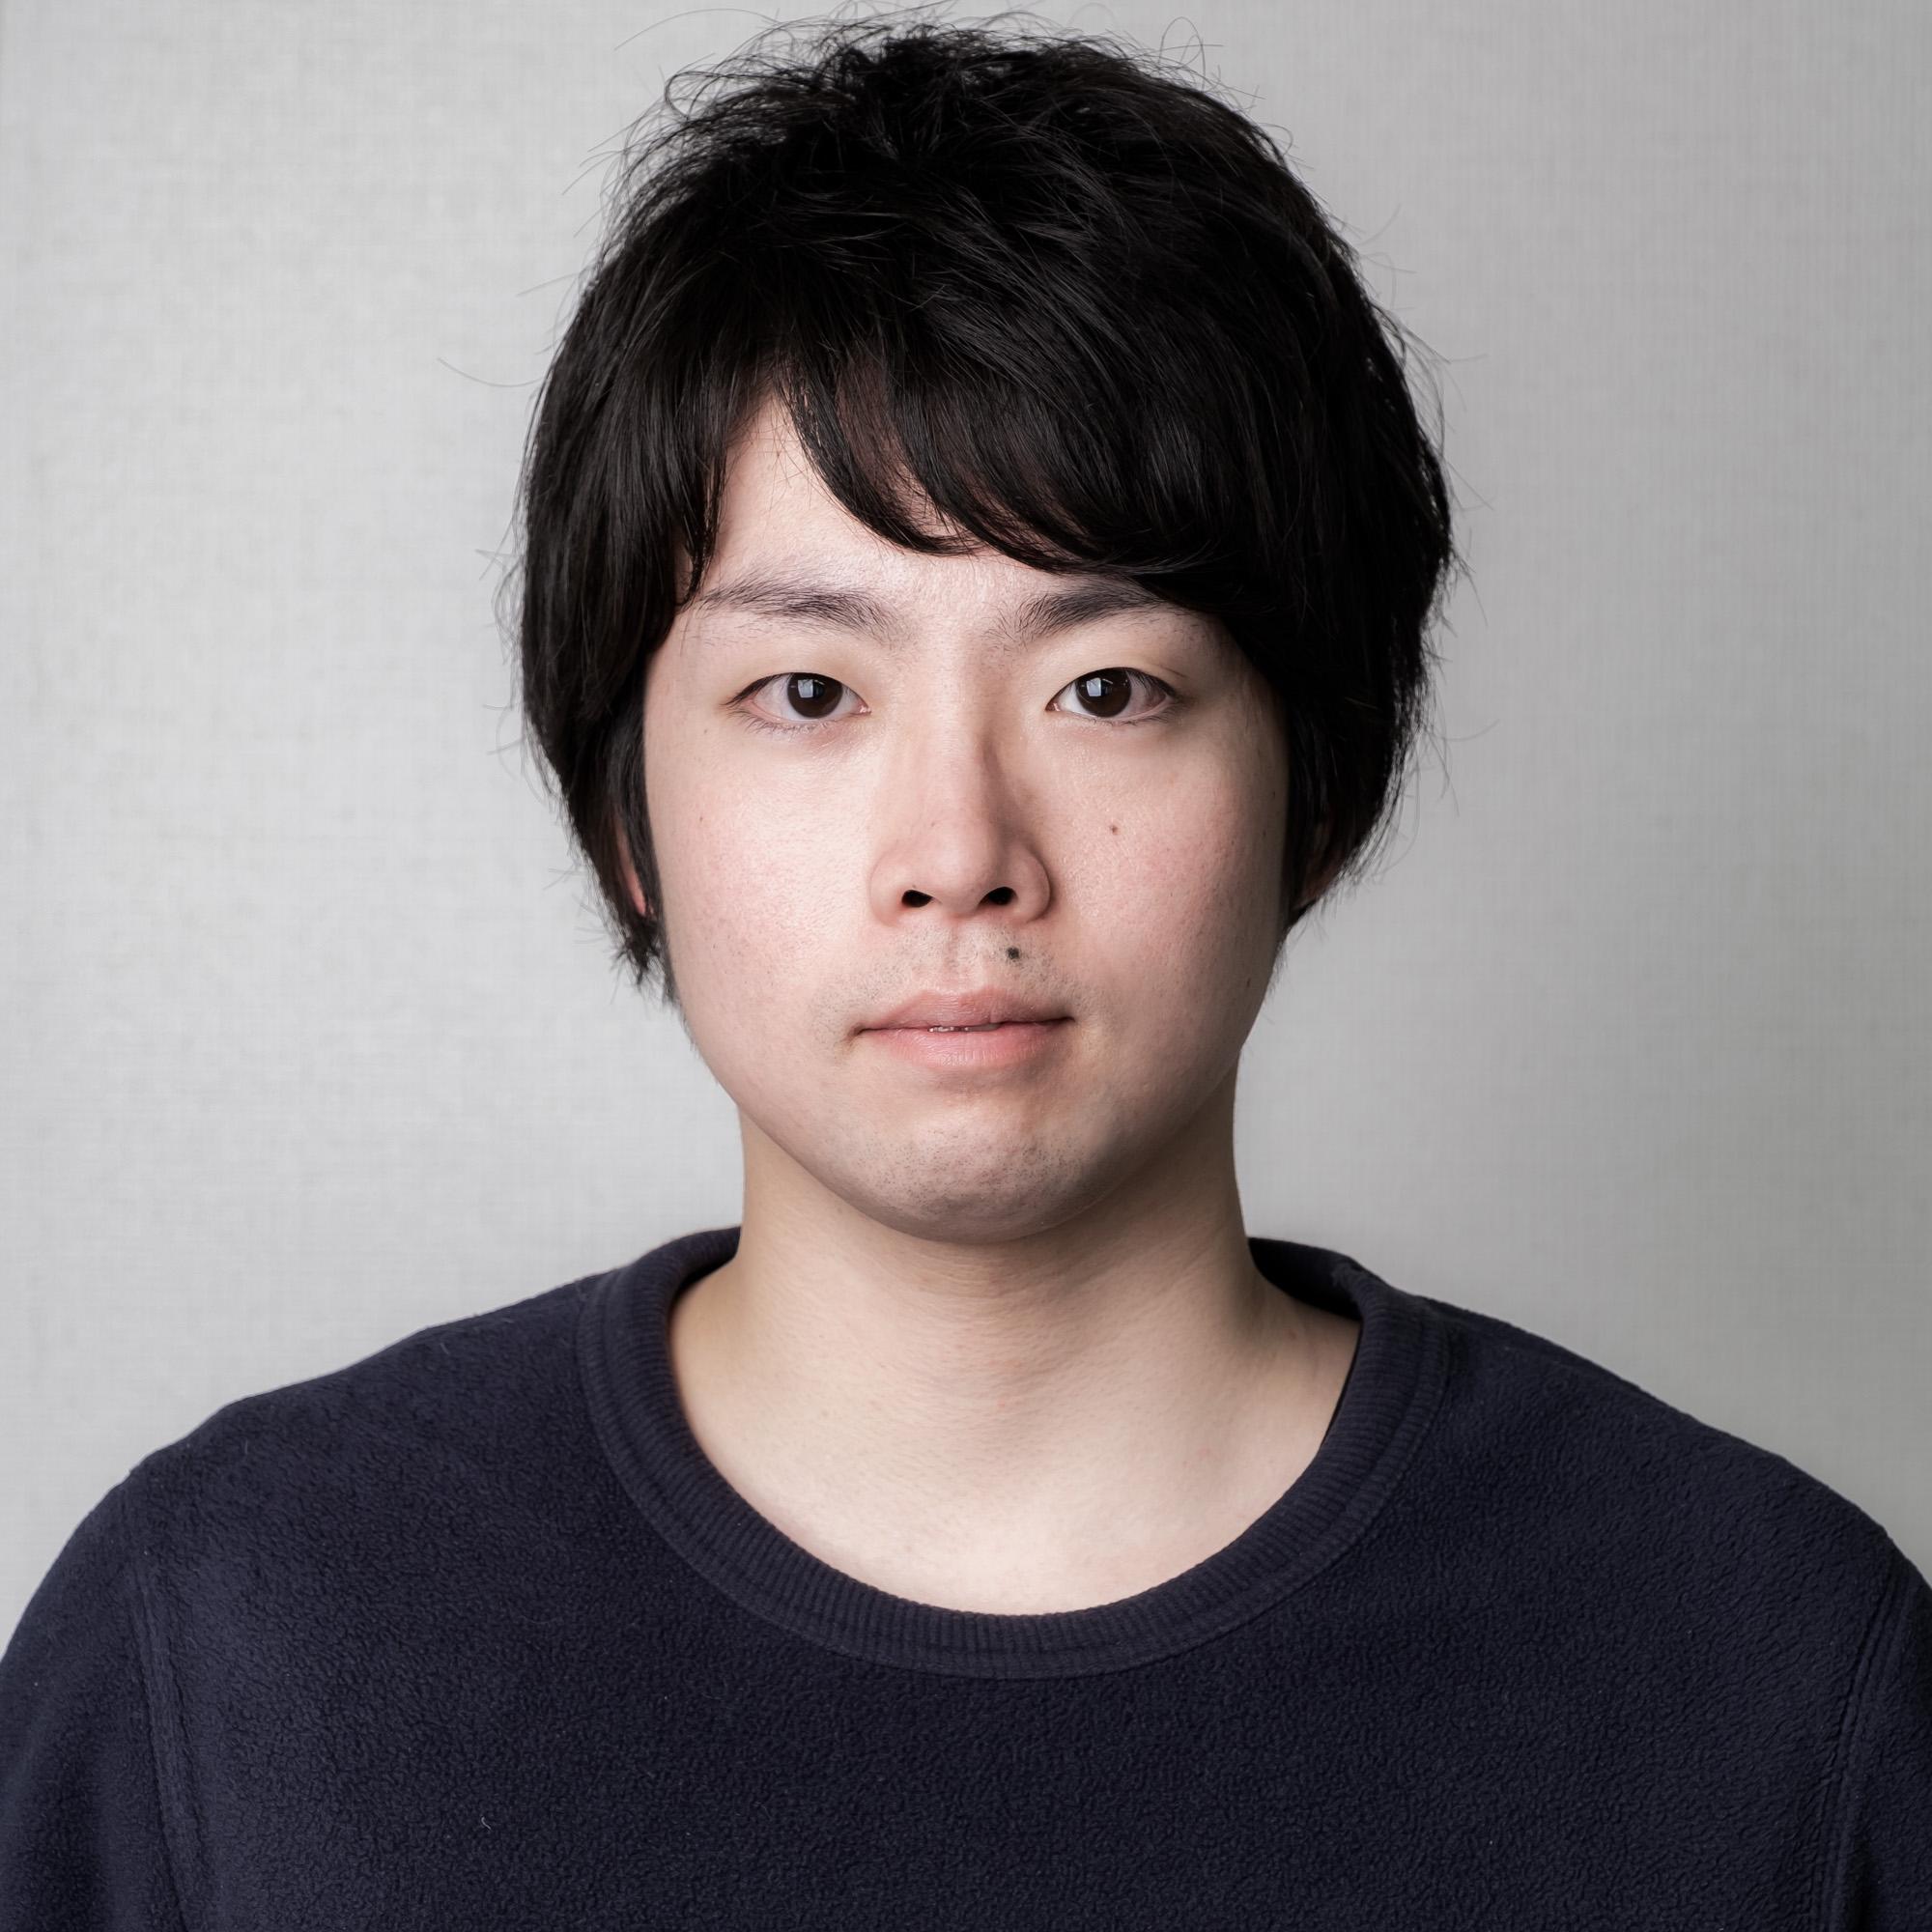 大野知希 / Haruki Ohno